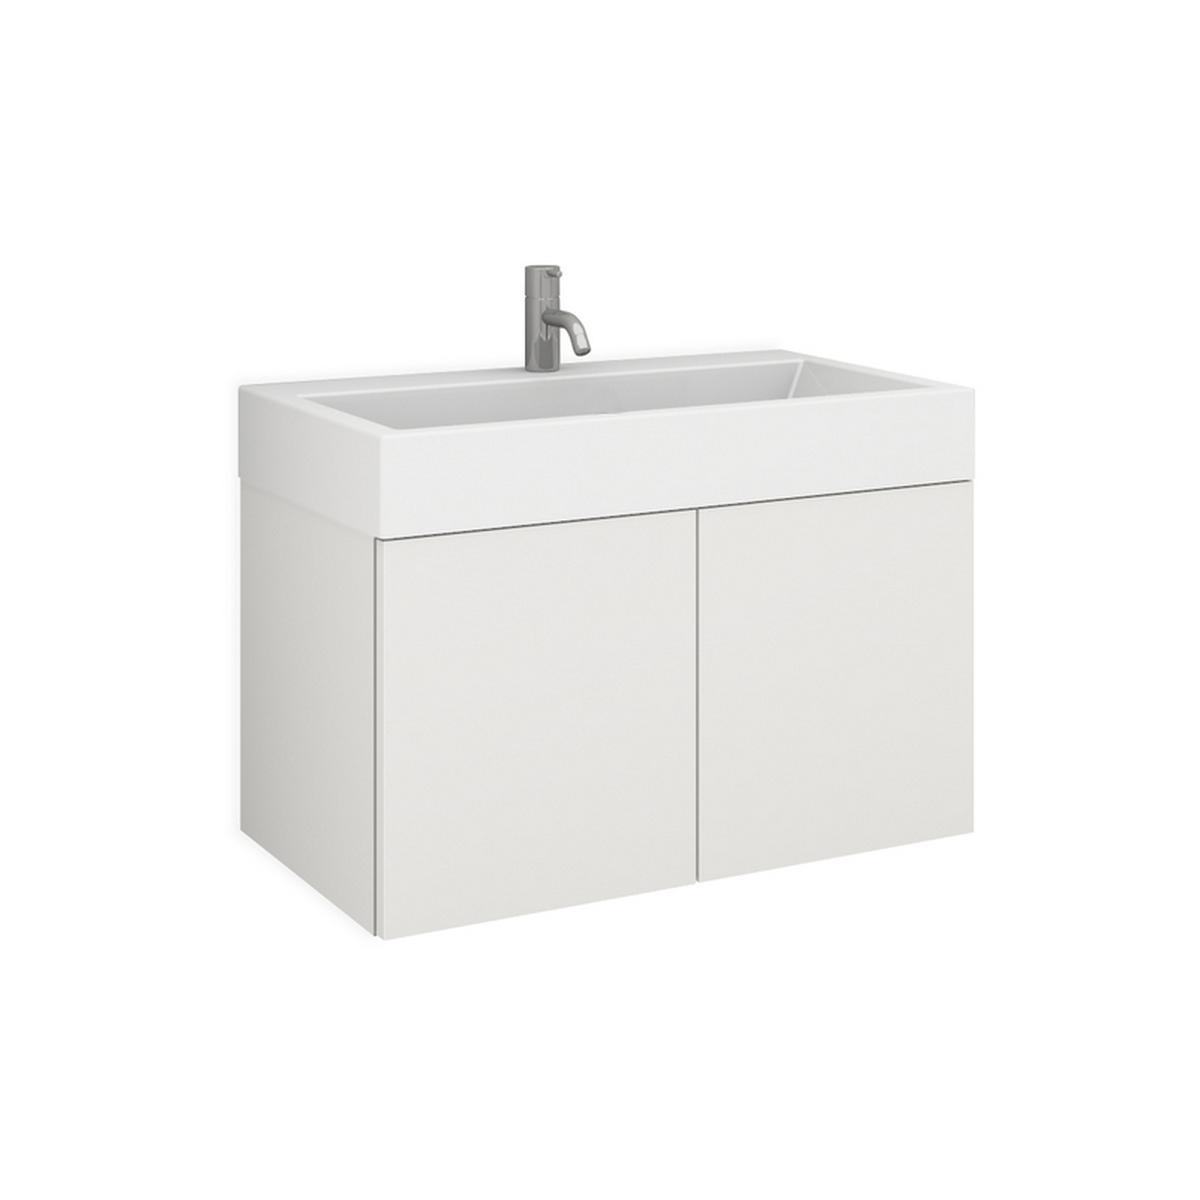 ballena 70 waschtisch set nach ma mit 2 t ren. Black Bedroom Furniture Sets. Home Design Ideas